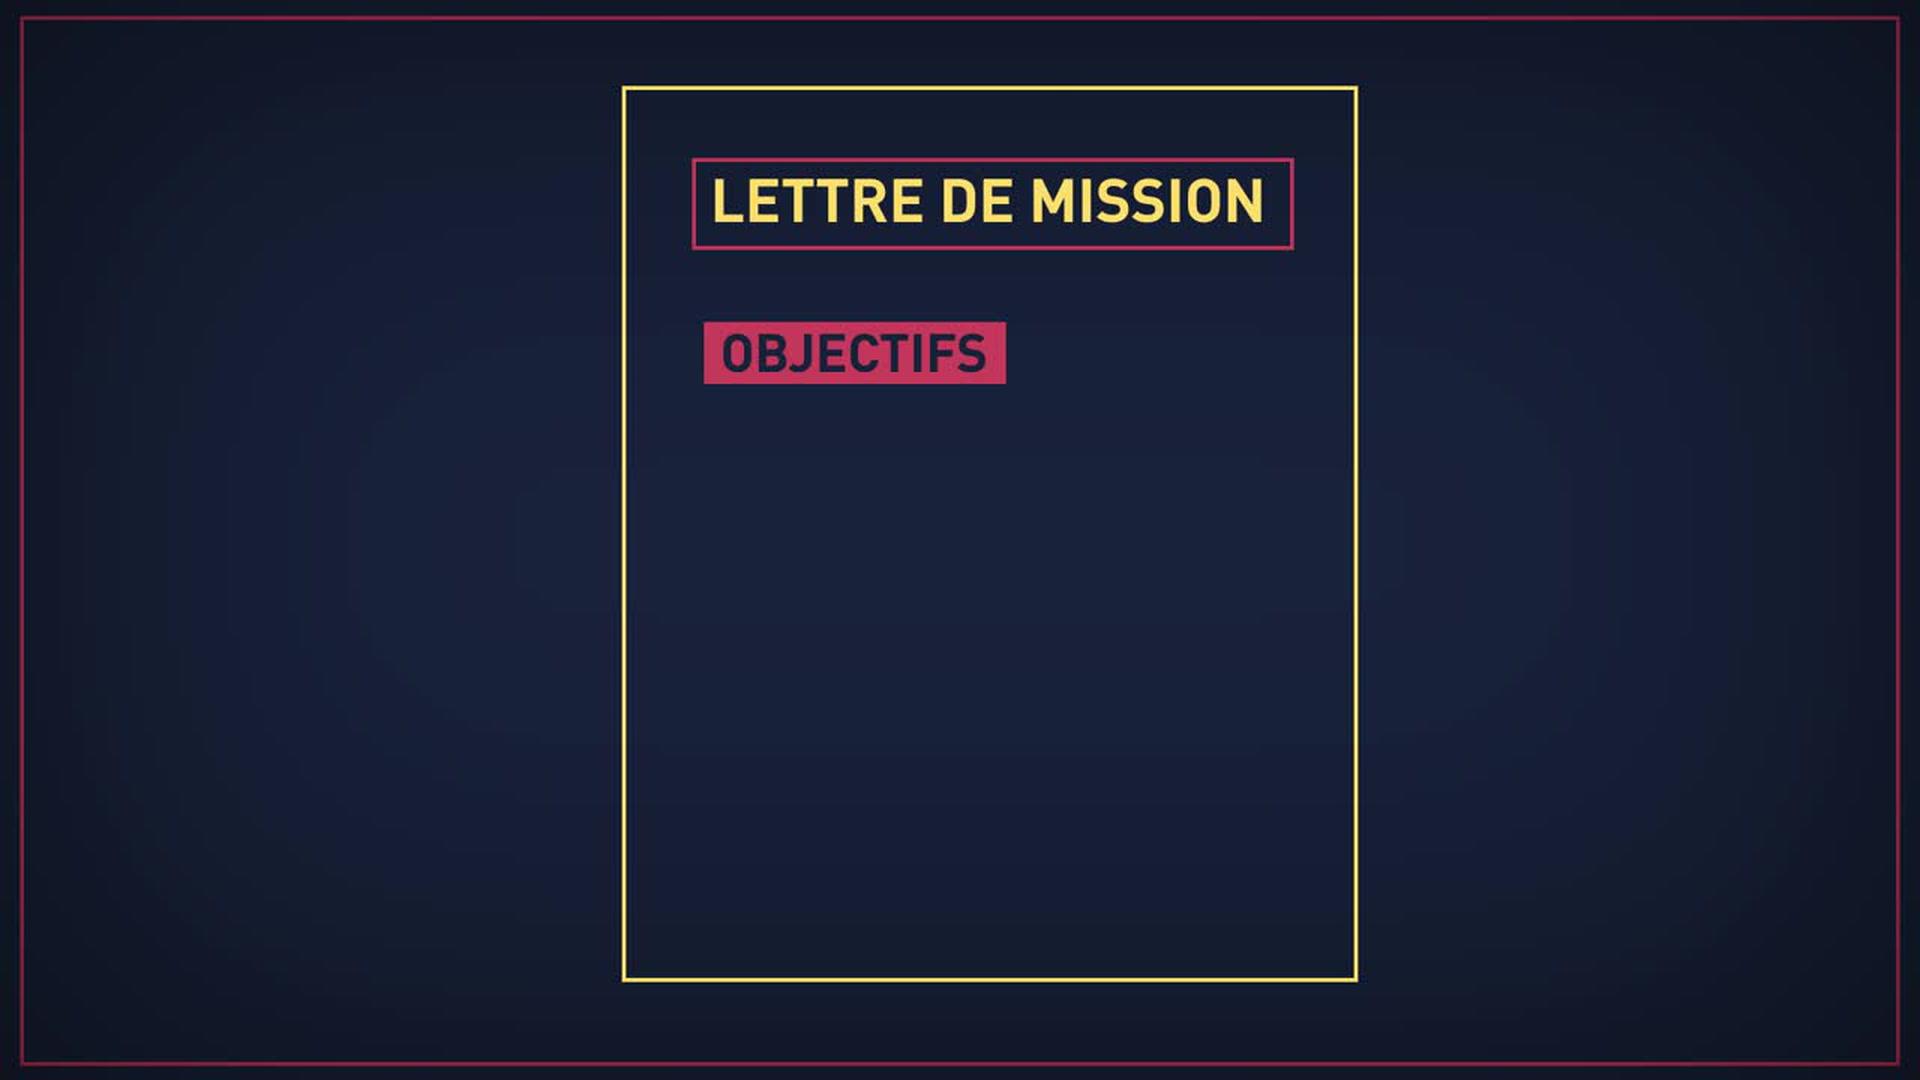 La Lettre De Mission Définition Conception